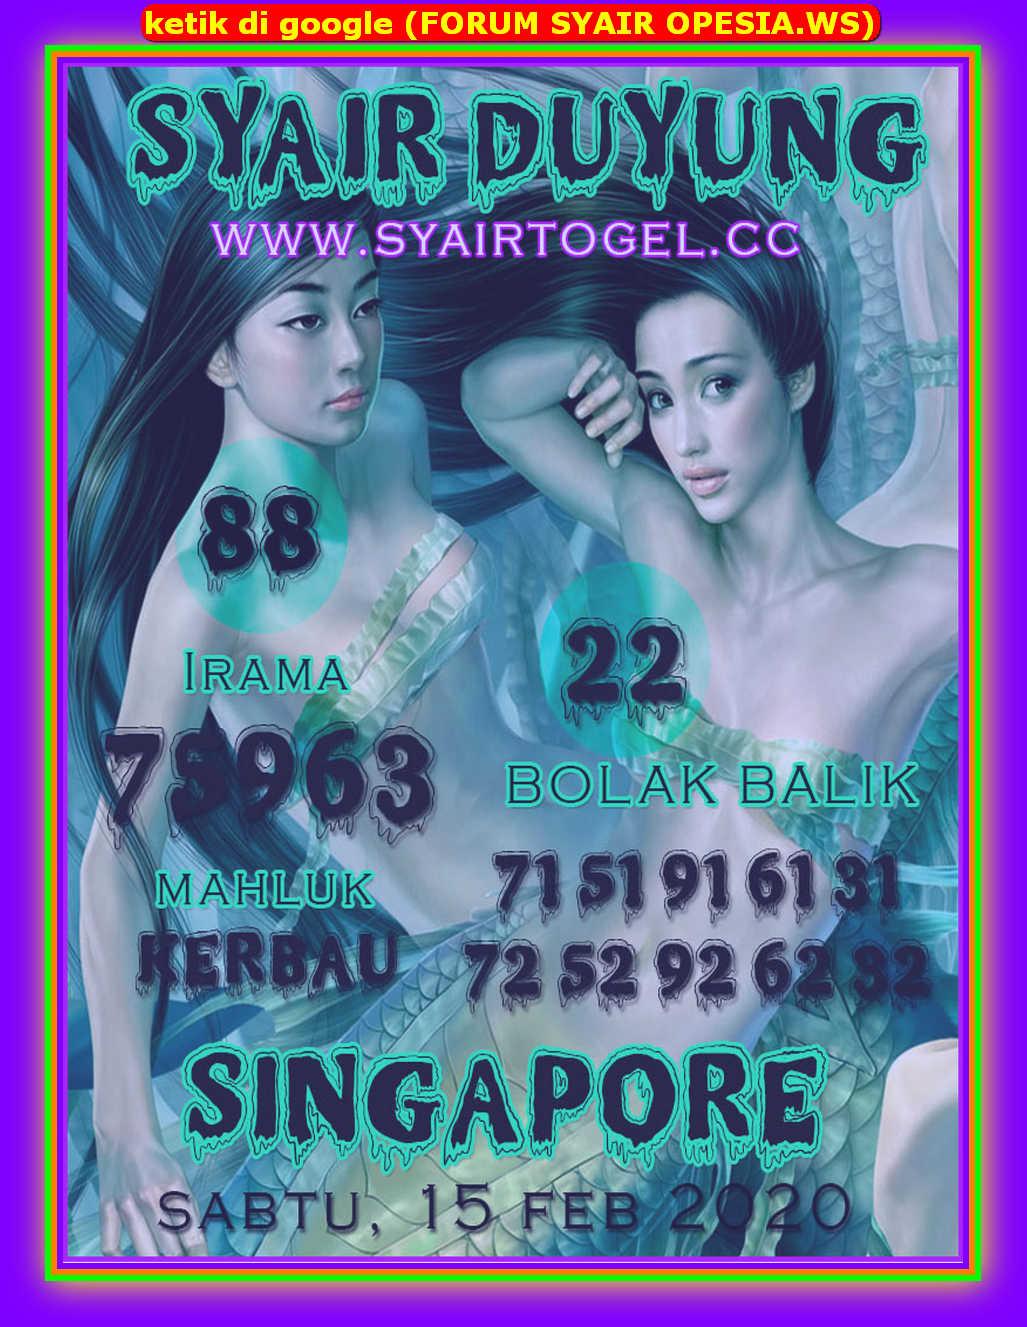 Kode syair Singapore Sabtu 15 Februari 2020 156